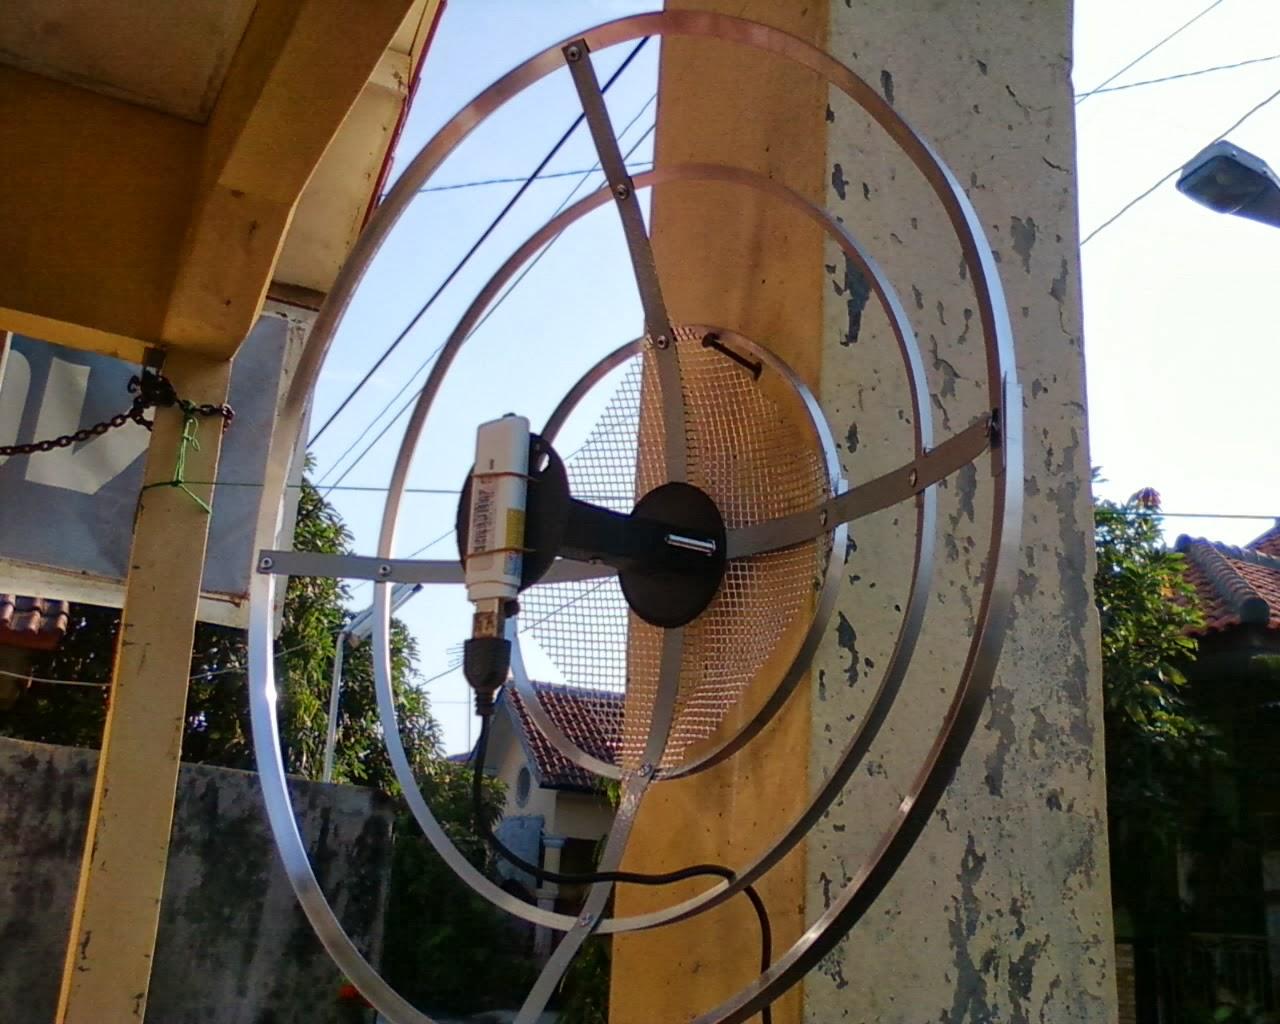 Antena Tv Murah Multifungsi Antena Tv Murah Gambar Dan